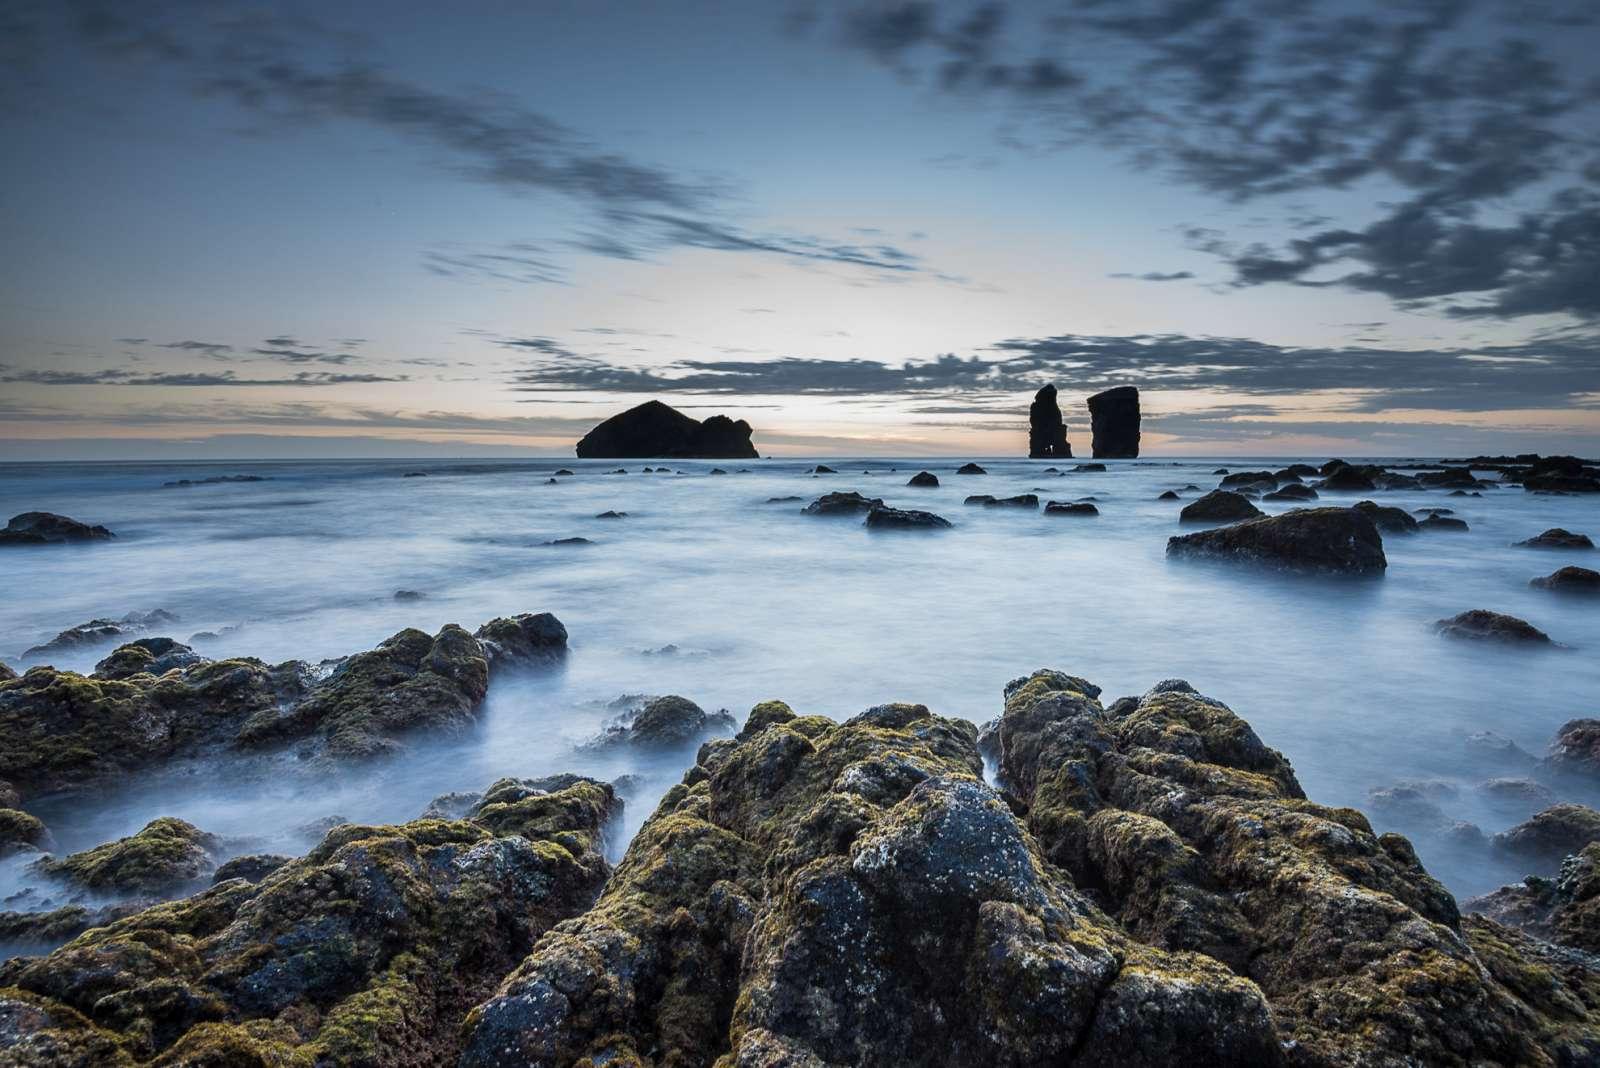 Mirador de Escalvado à découvrir dans l'excursion Sete Cidades sur l'île de São Miguel aux Açores